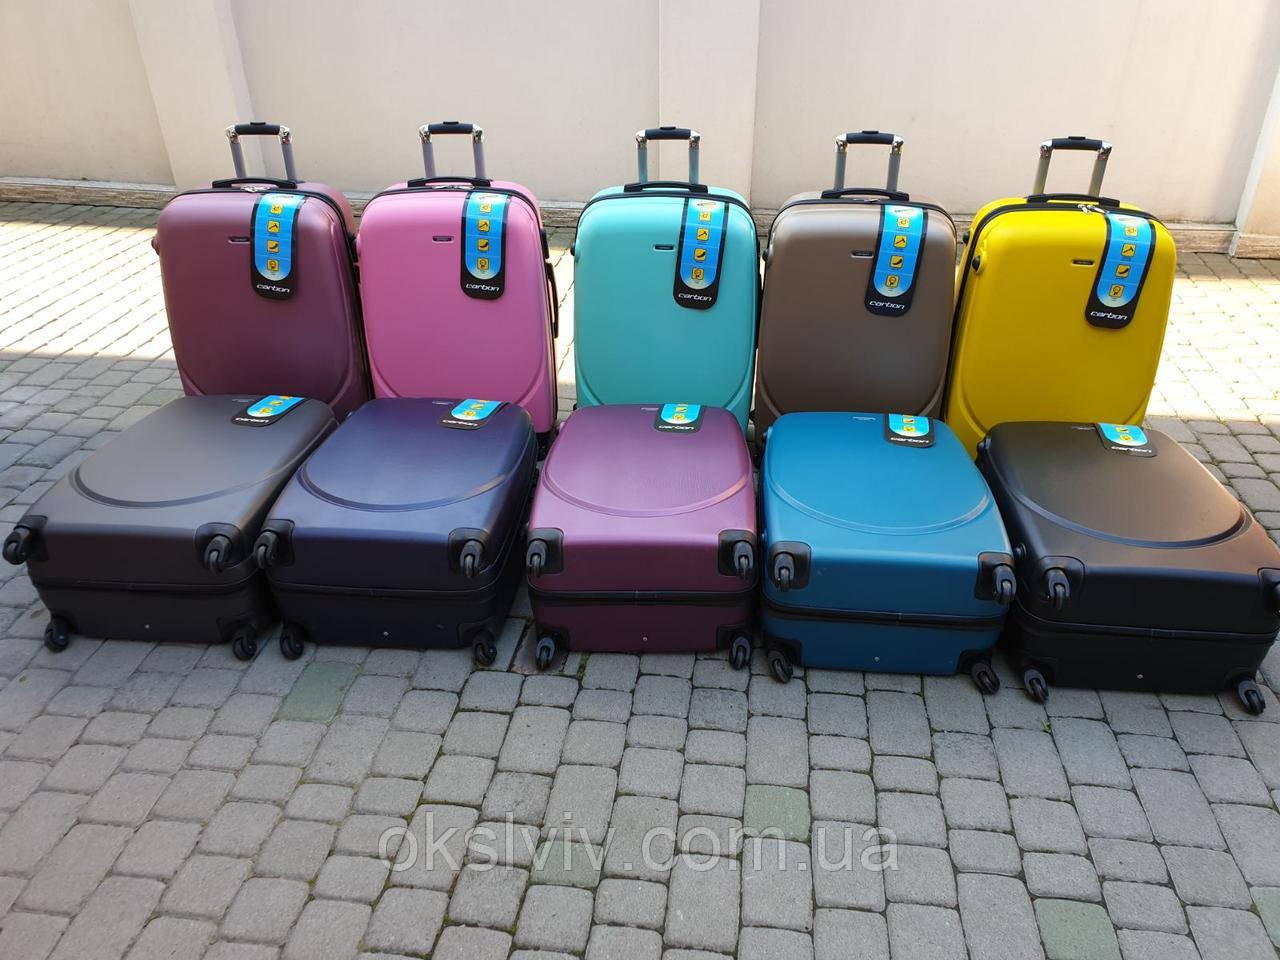 CARBON 310 Німеччина валізи чемодани сумки на колесах